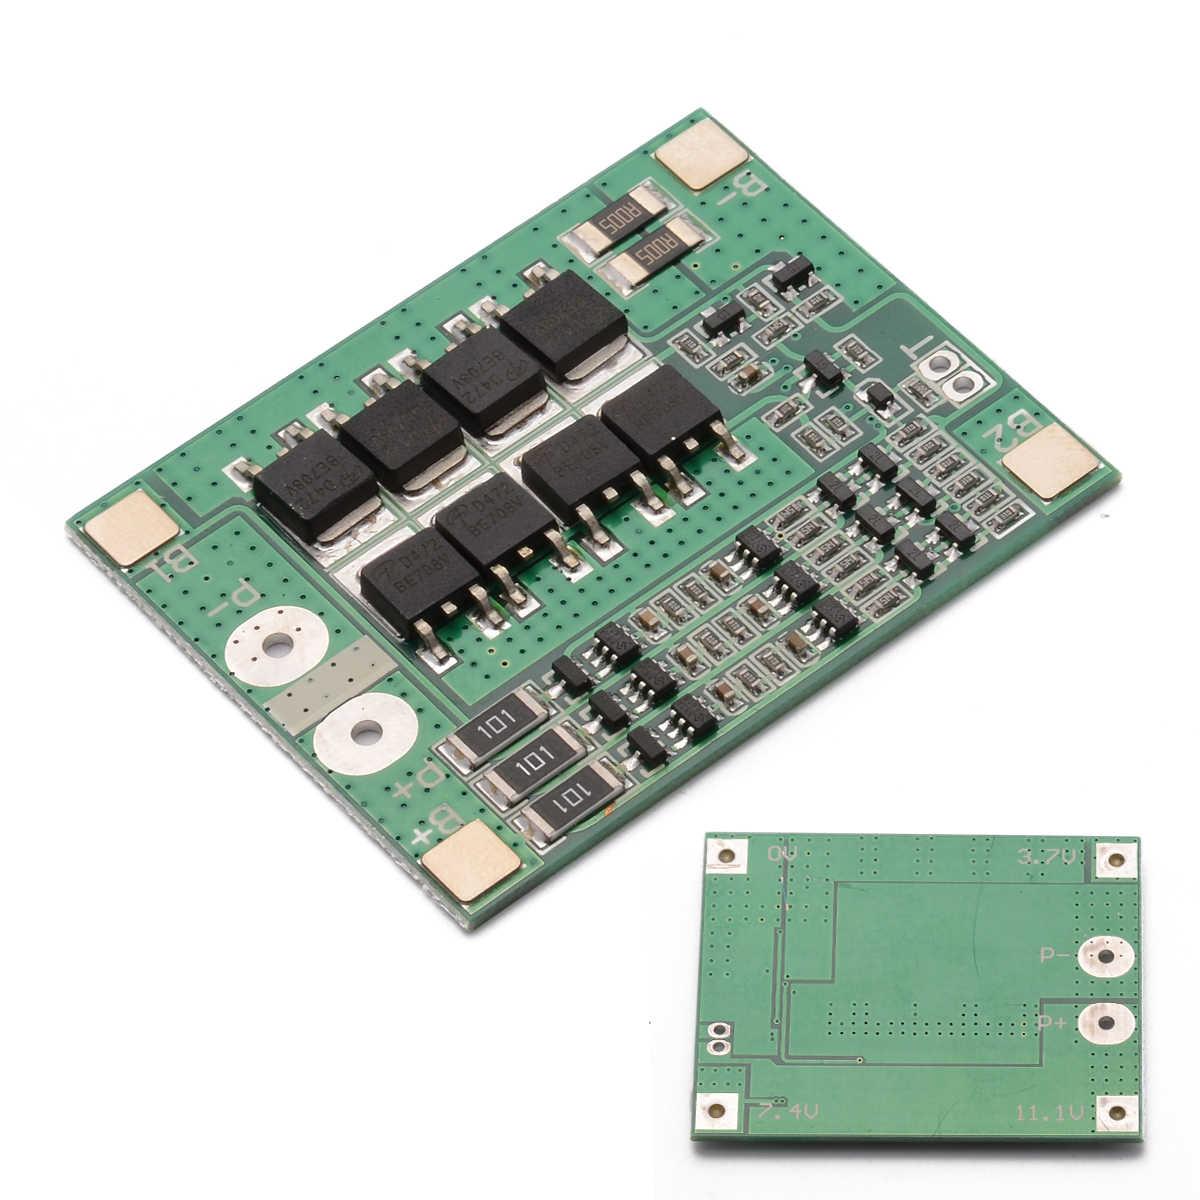 リチウムイオン保護ボードモジュール 3S 40A リチウムイオンリチウム電池チャージャー Bms 保護充電ボード電子用品